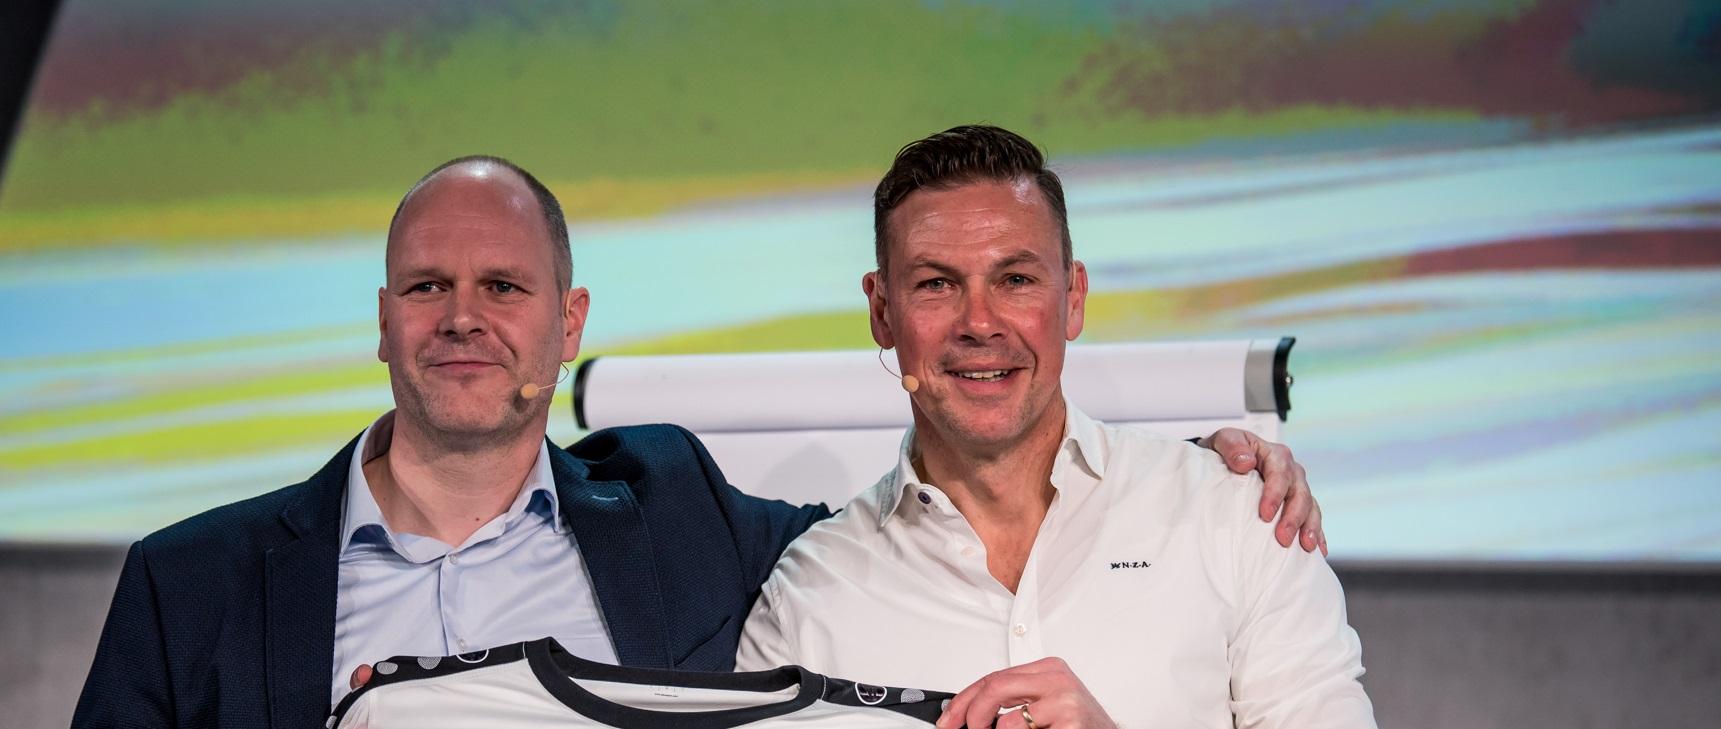 Managertag WTLC® - Winners Train Losers Complain mit Erik Meijer und Holger Schmitz